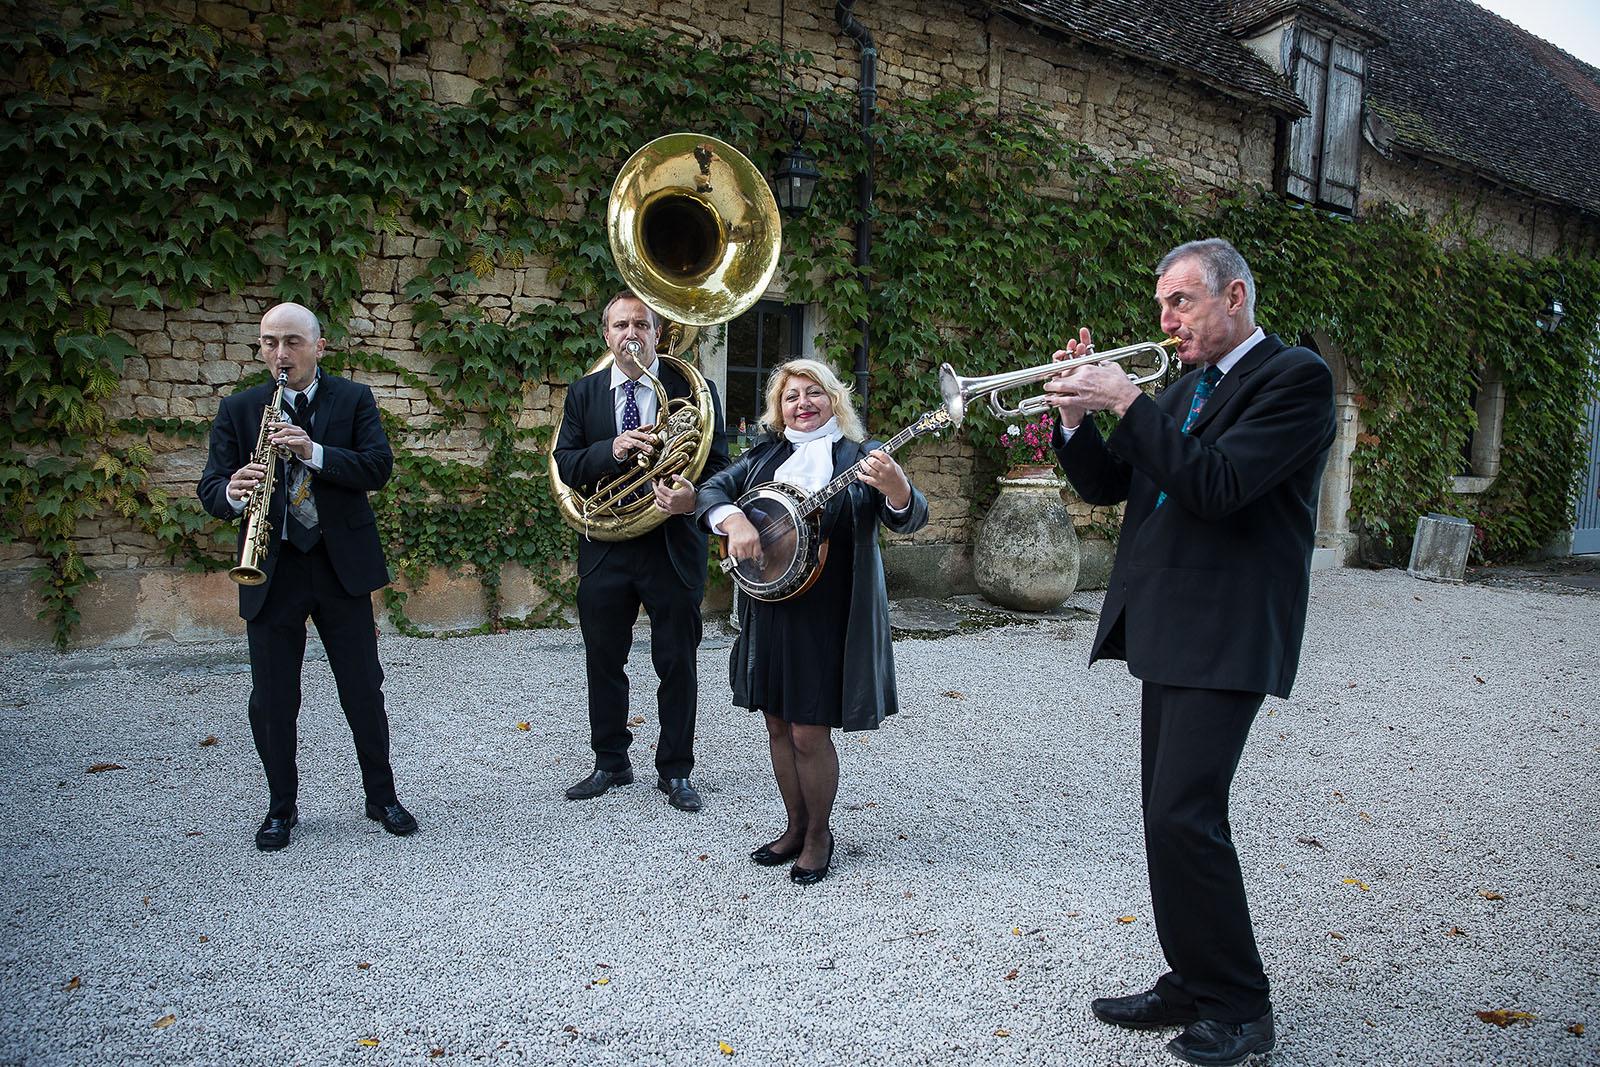 photographe de mariage chalon sur sane photo des musiciens du mariage photo ralise - Photographe Mariage Chalon Sur Saone